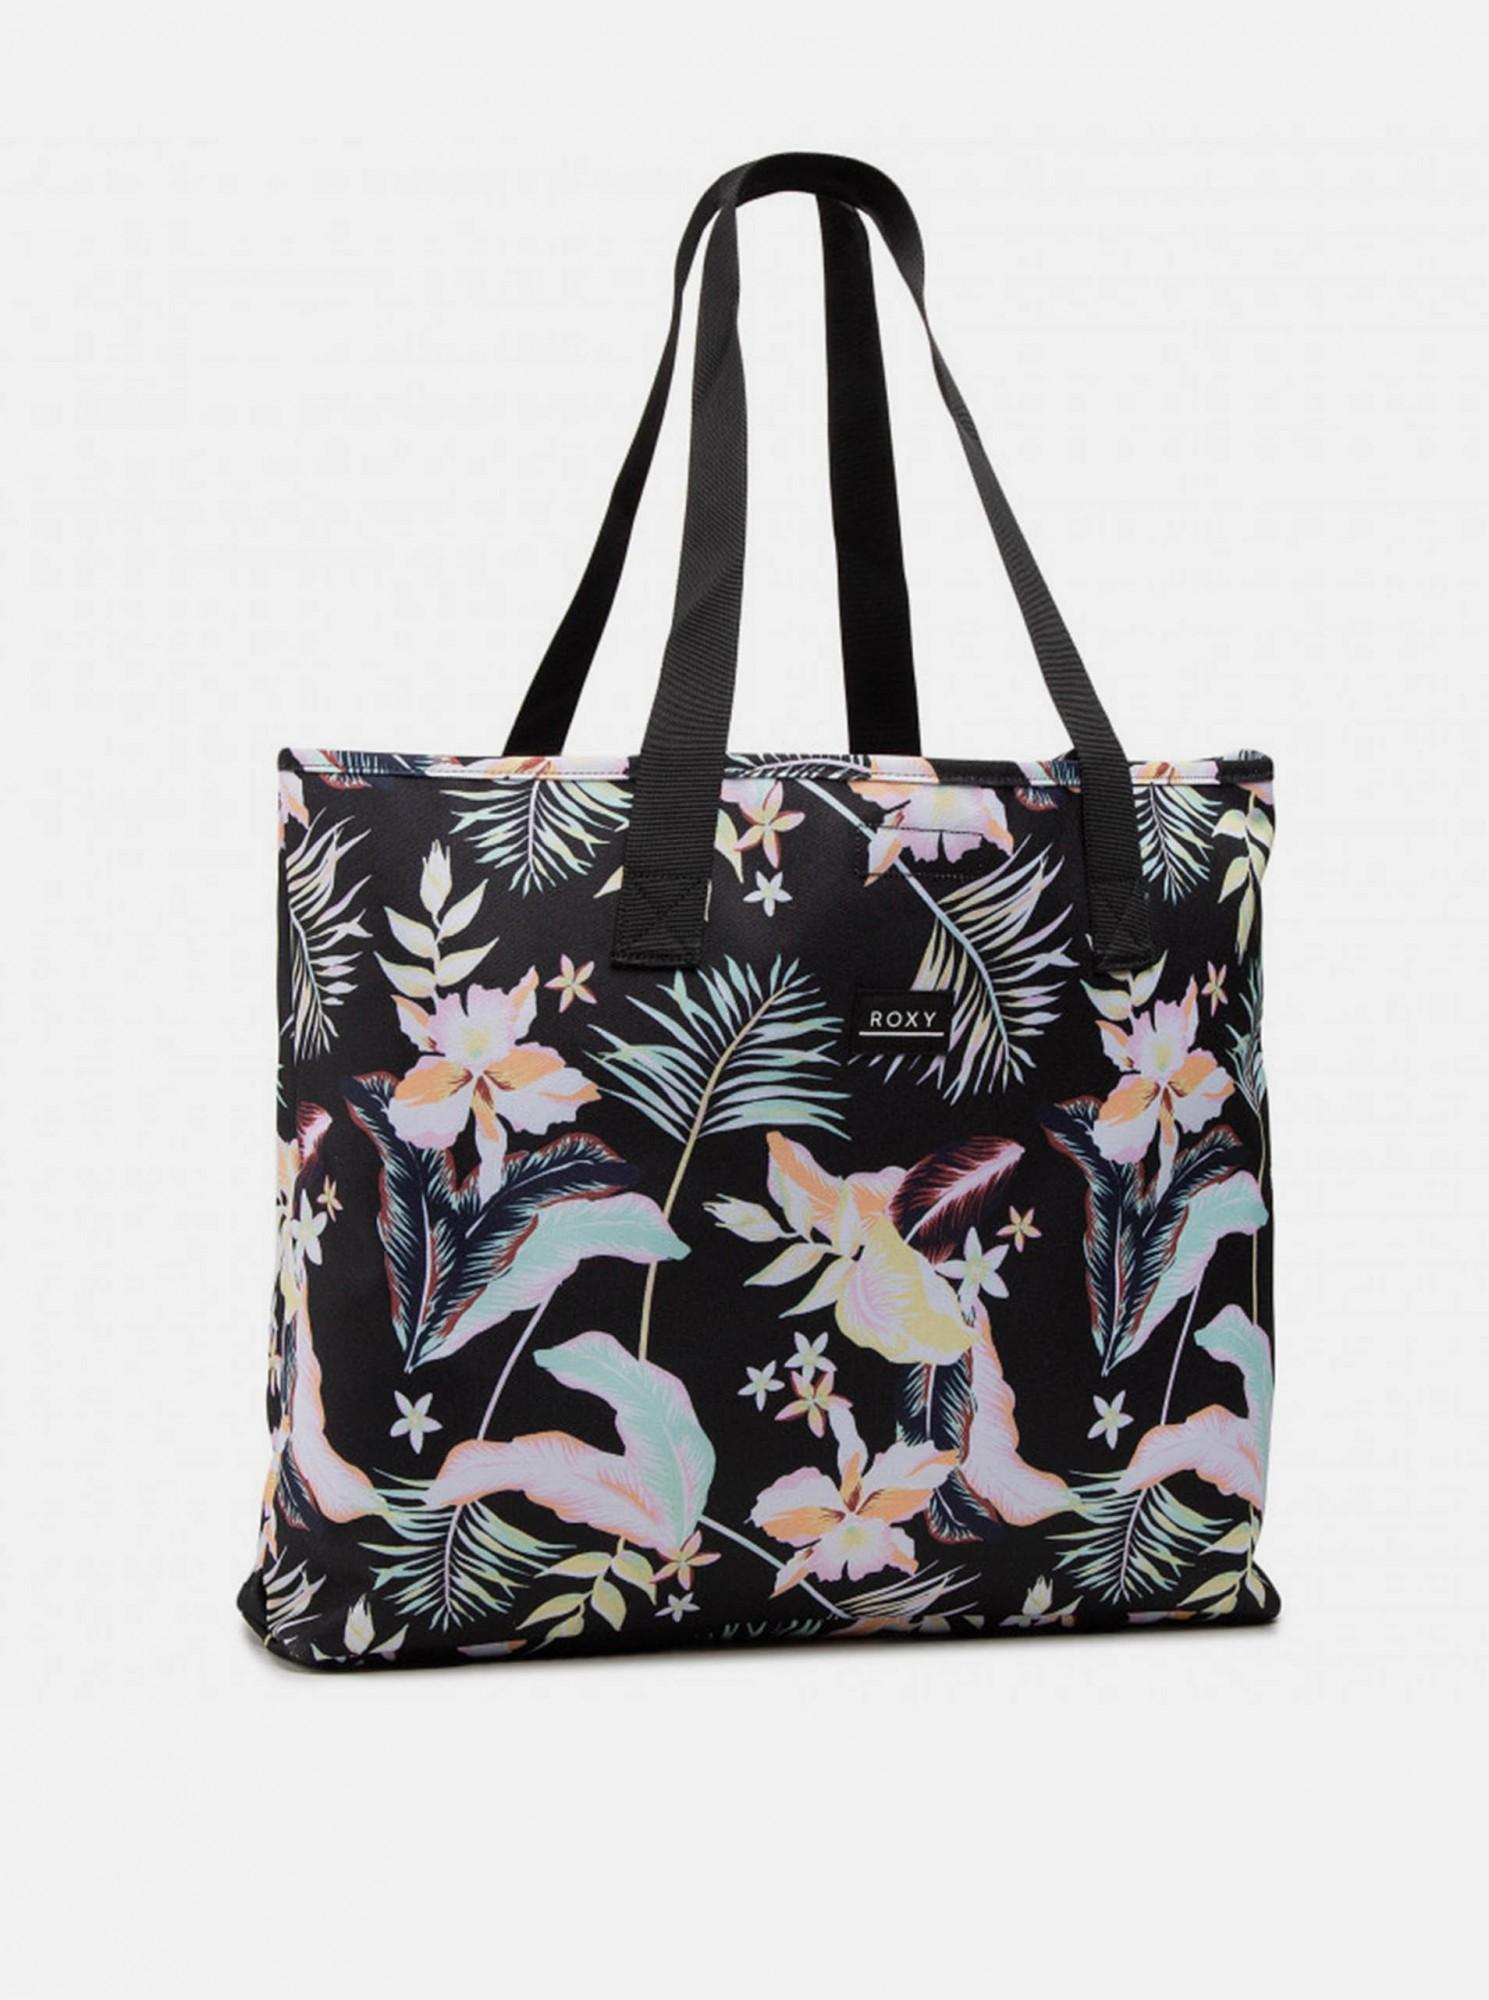 Roxy black Beach bag